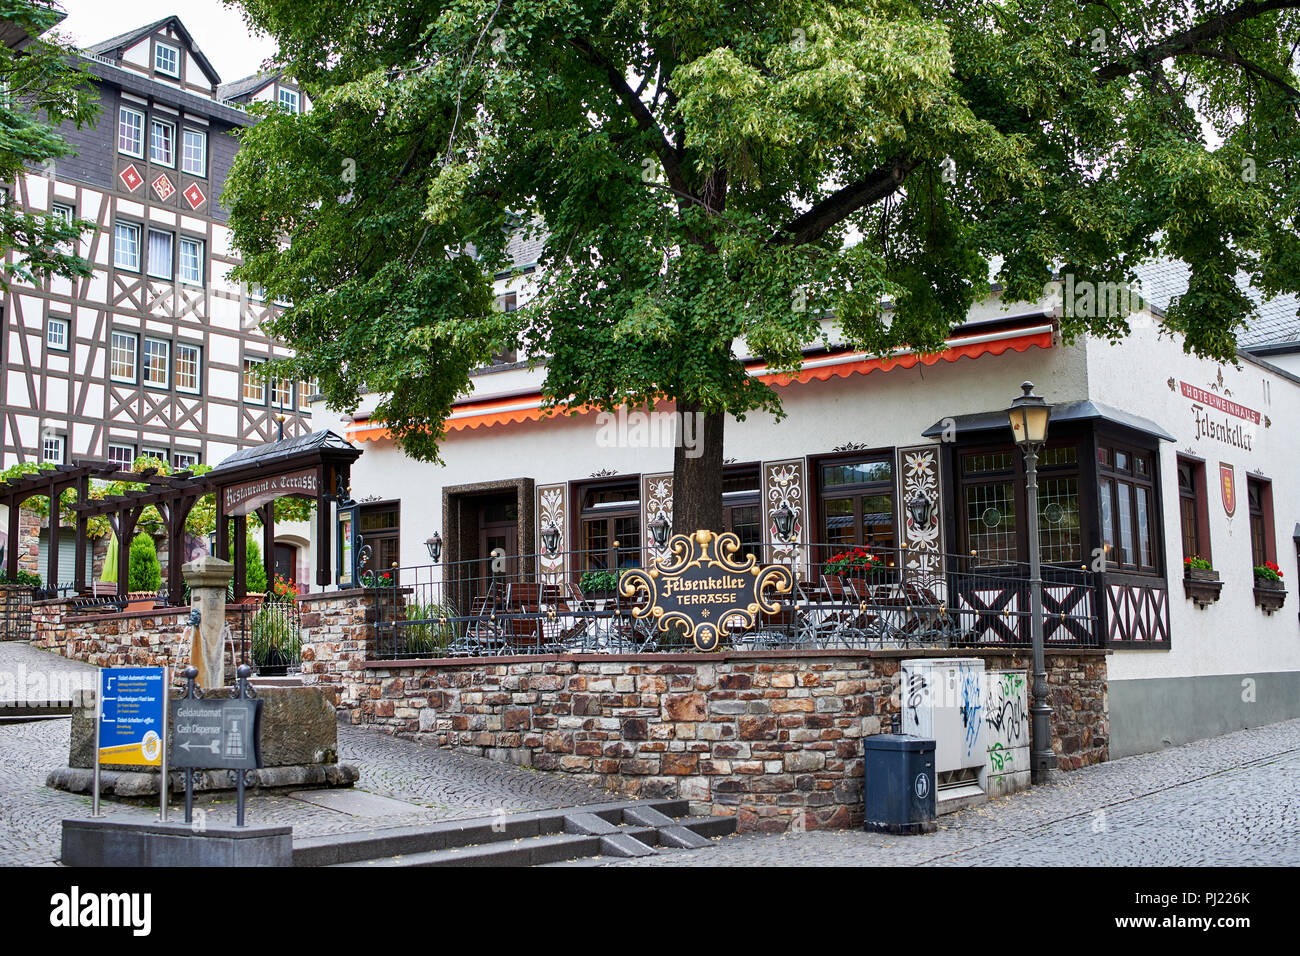 Hotel Felsenkeller Rudesheim Am Rhein Wienhaus Cafe Terrace Stock